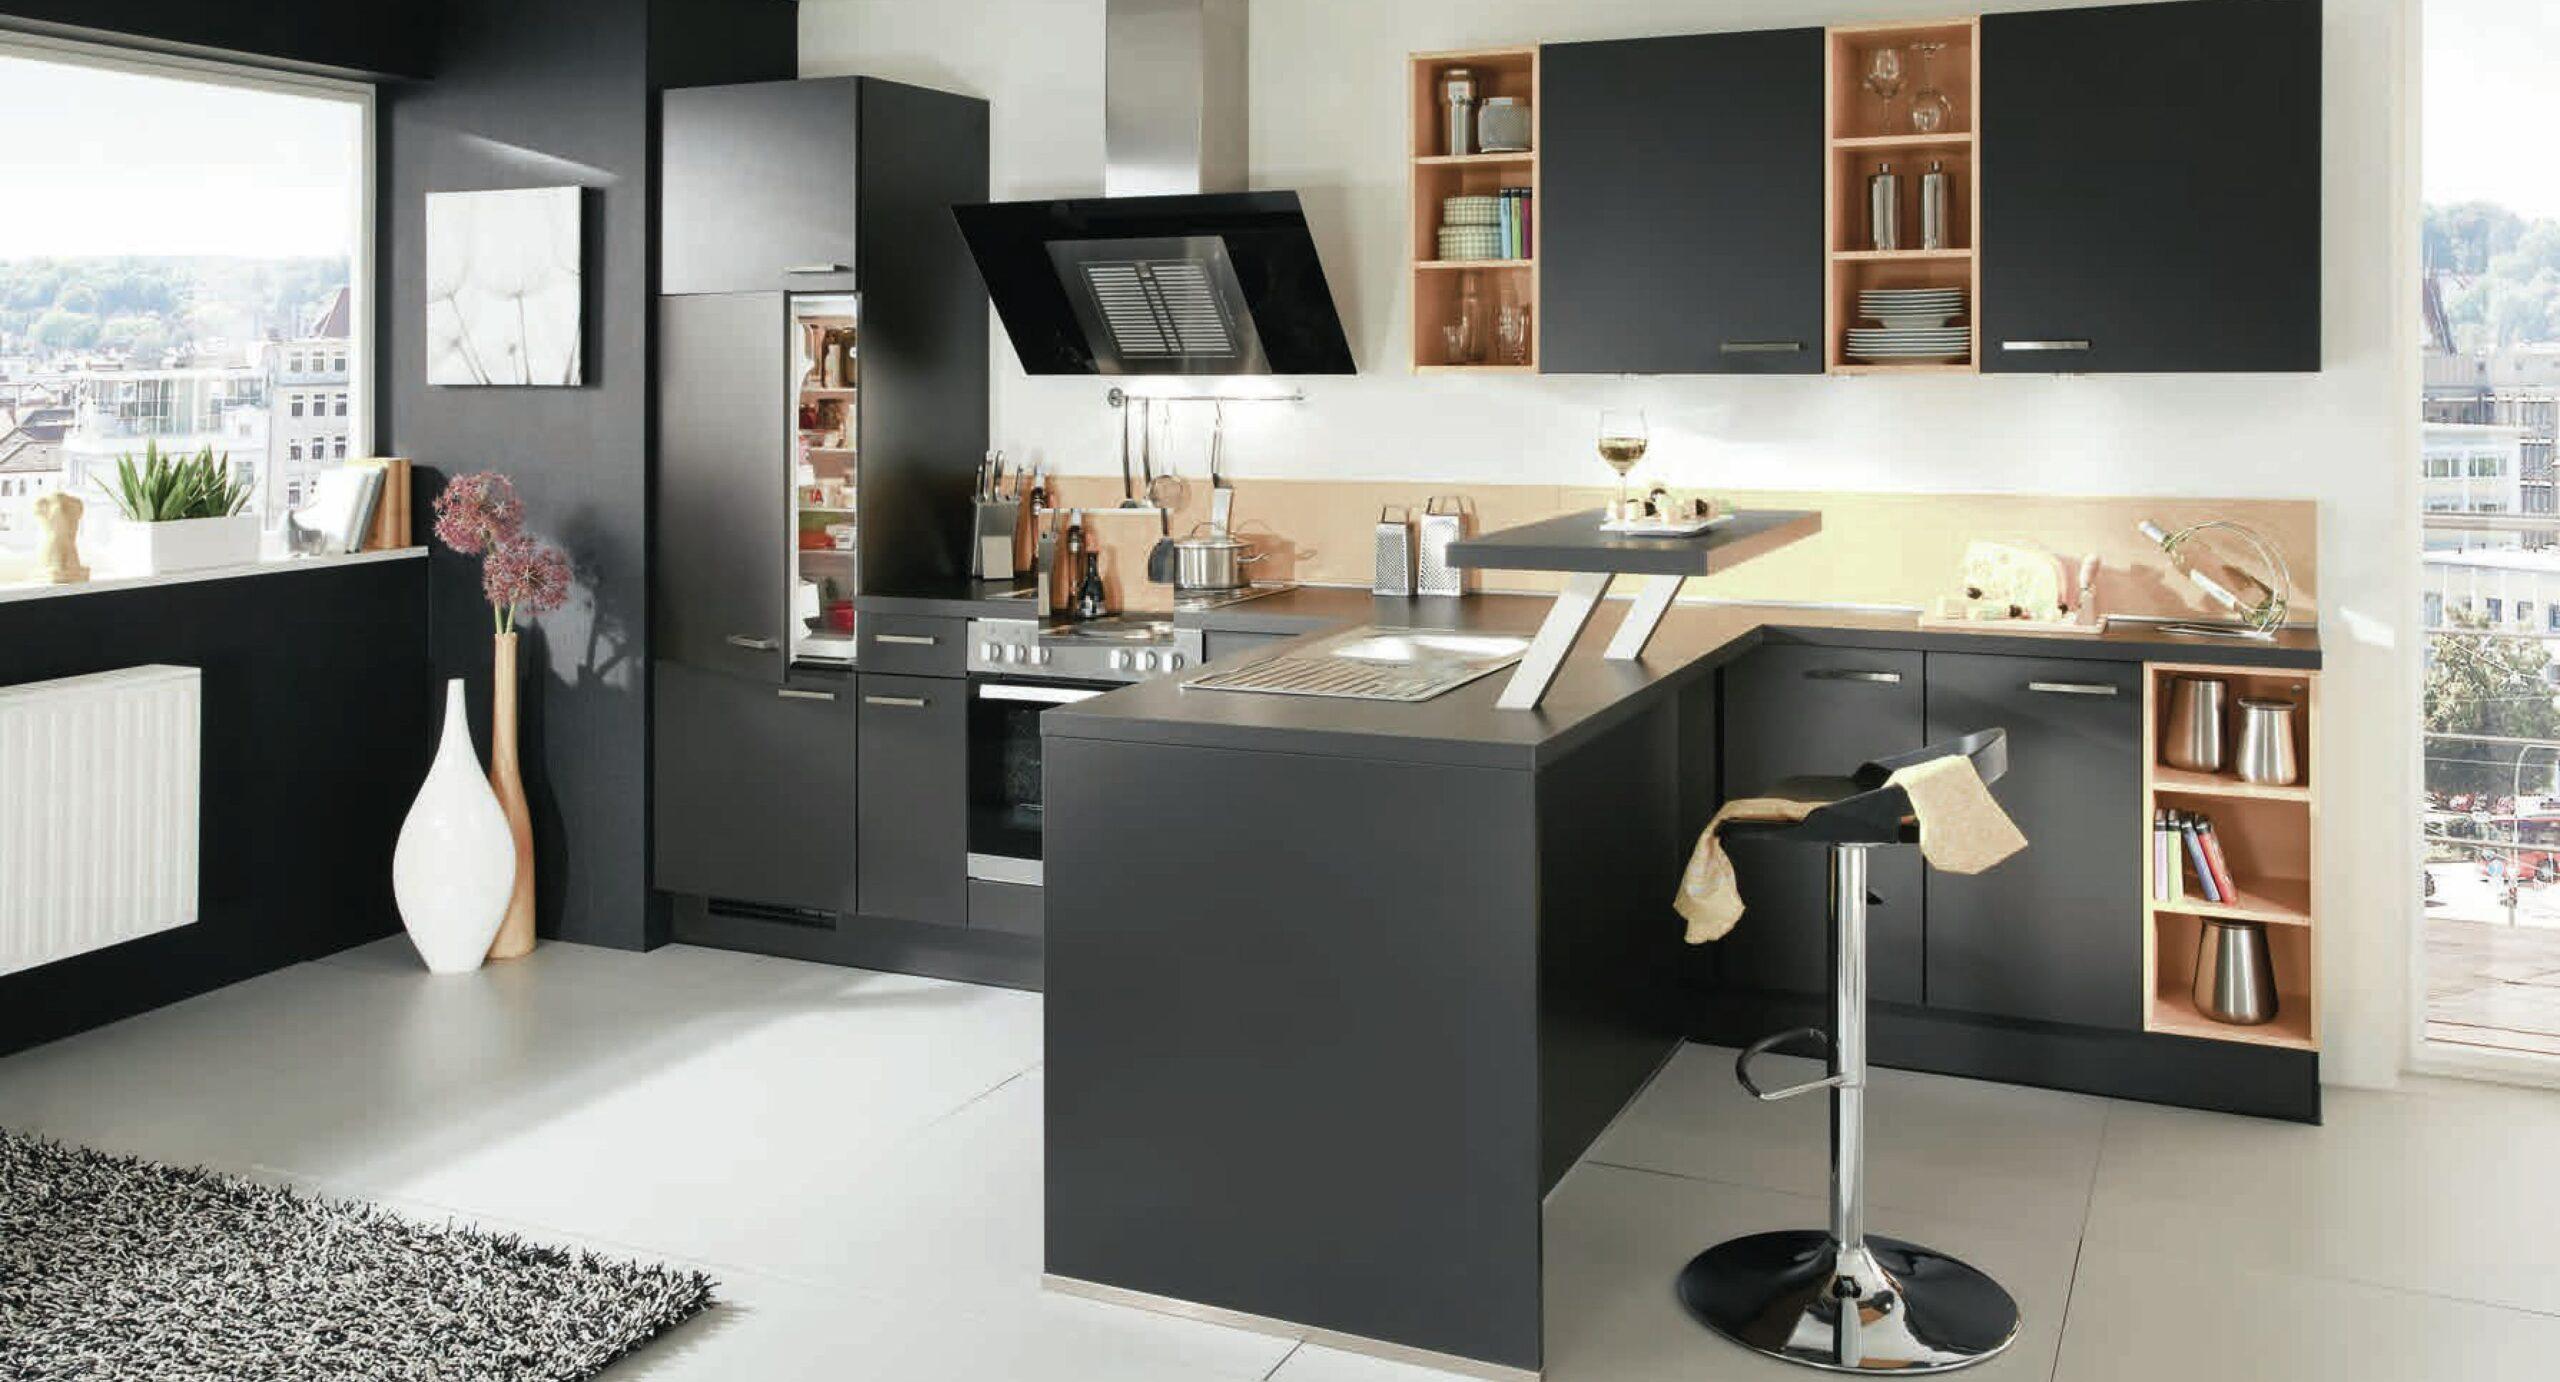 Full Size of Kchentrends Kchendesign Ratgeber Mbelikchen Online Shop Küchen Regal Wohnzimmer Möbelix Küchen